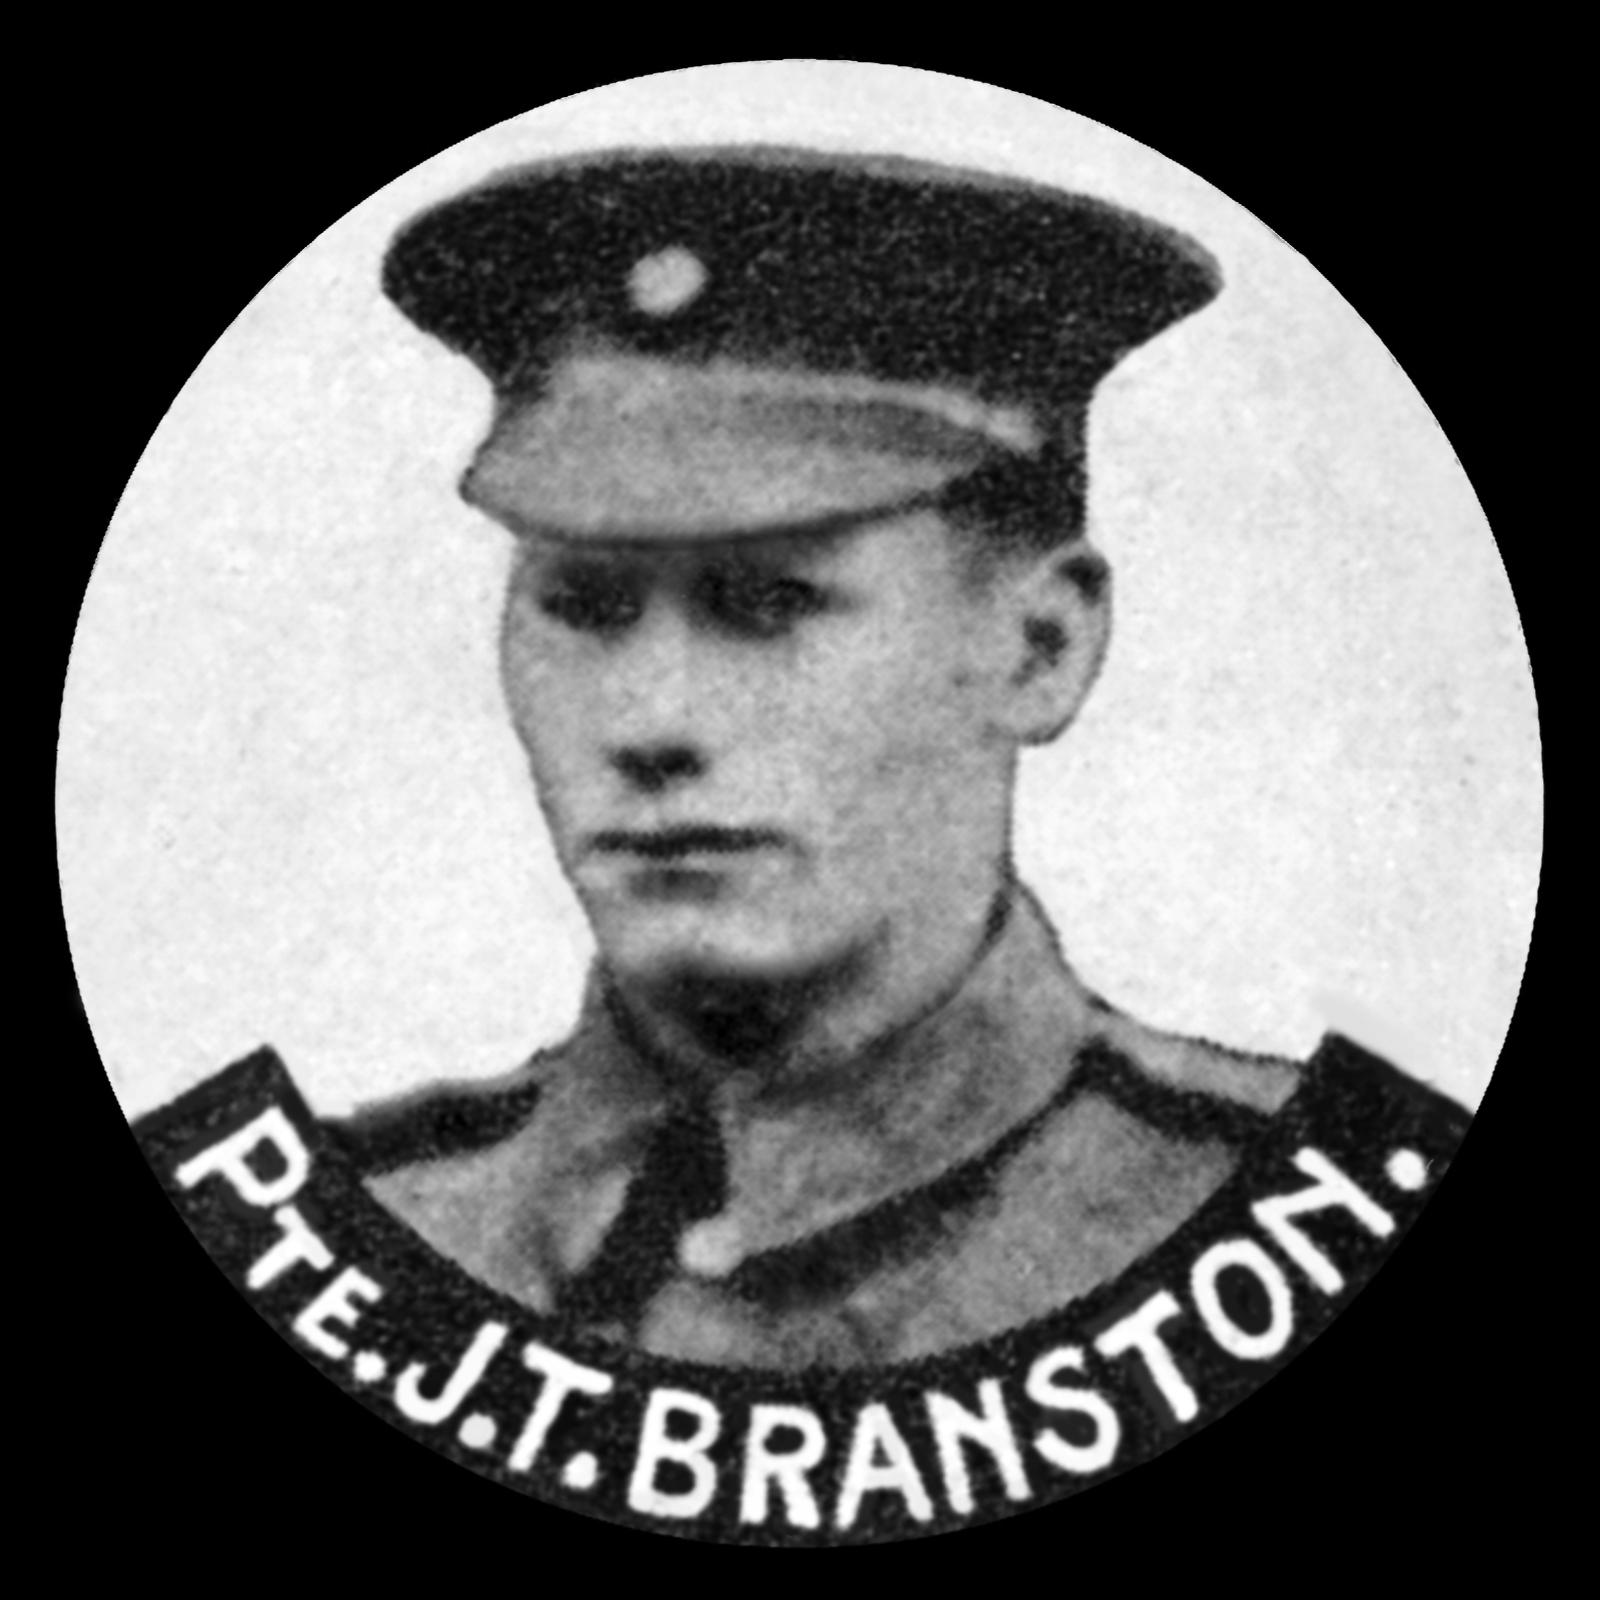 BRANSTON John Thomas